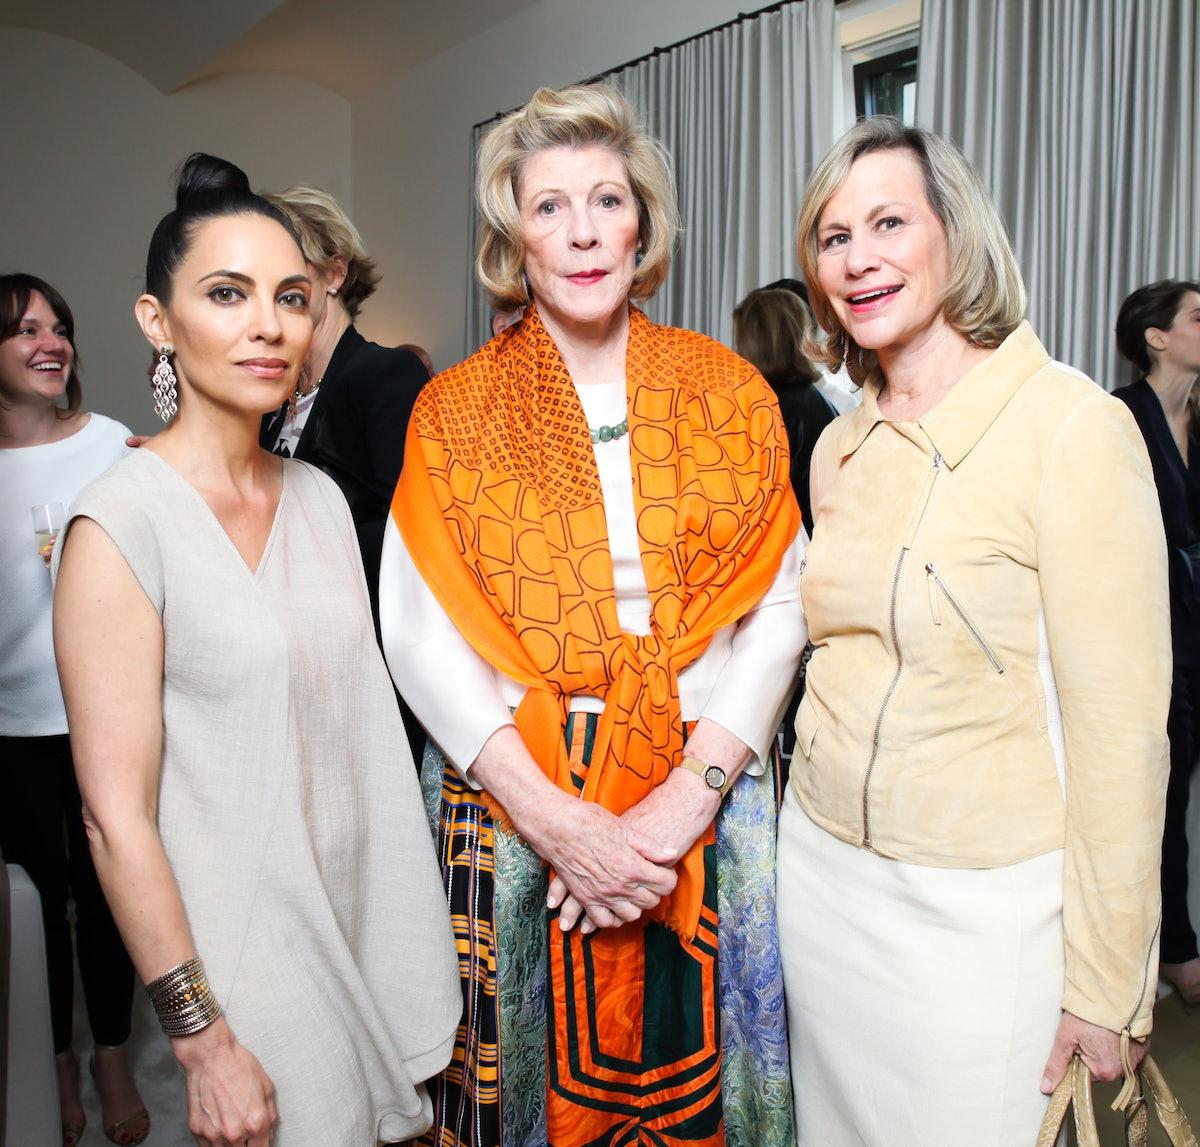 Teresita Fernandez, Agnes Gund, and Laurie Tisch